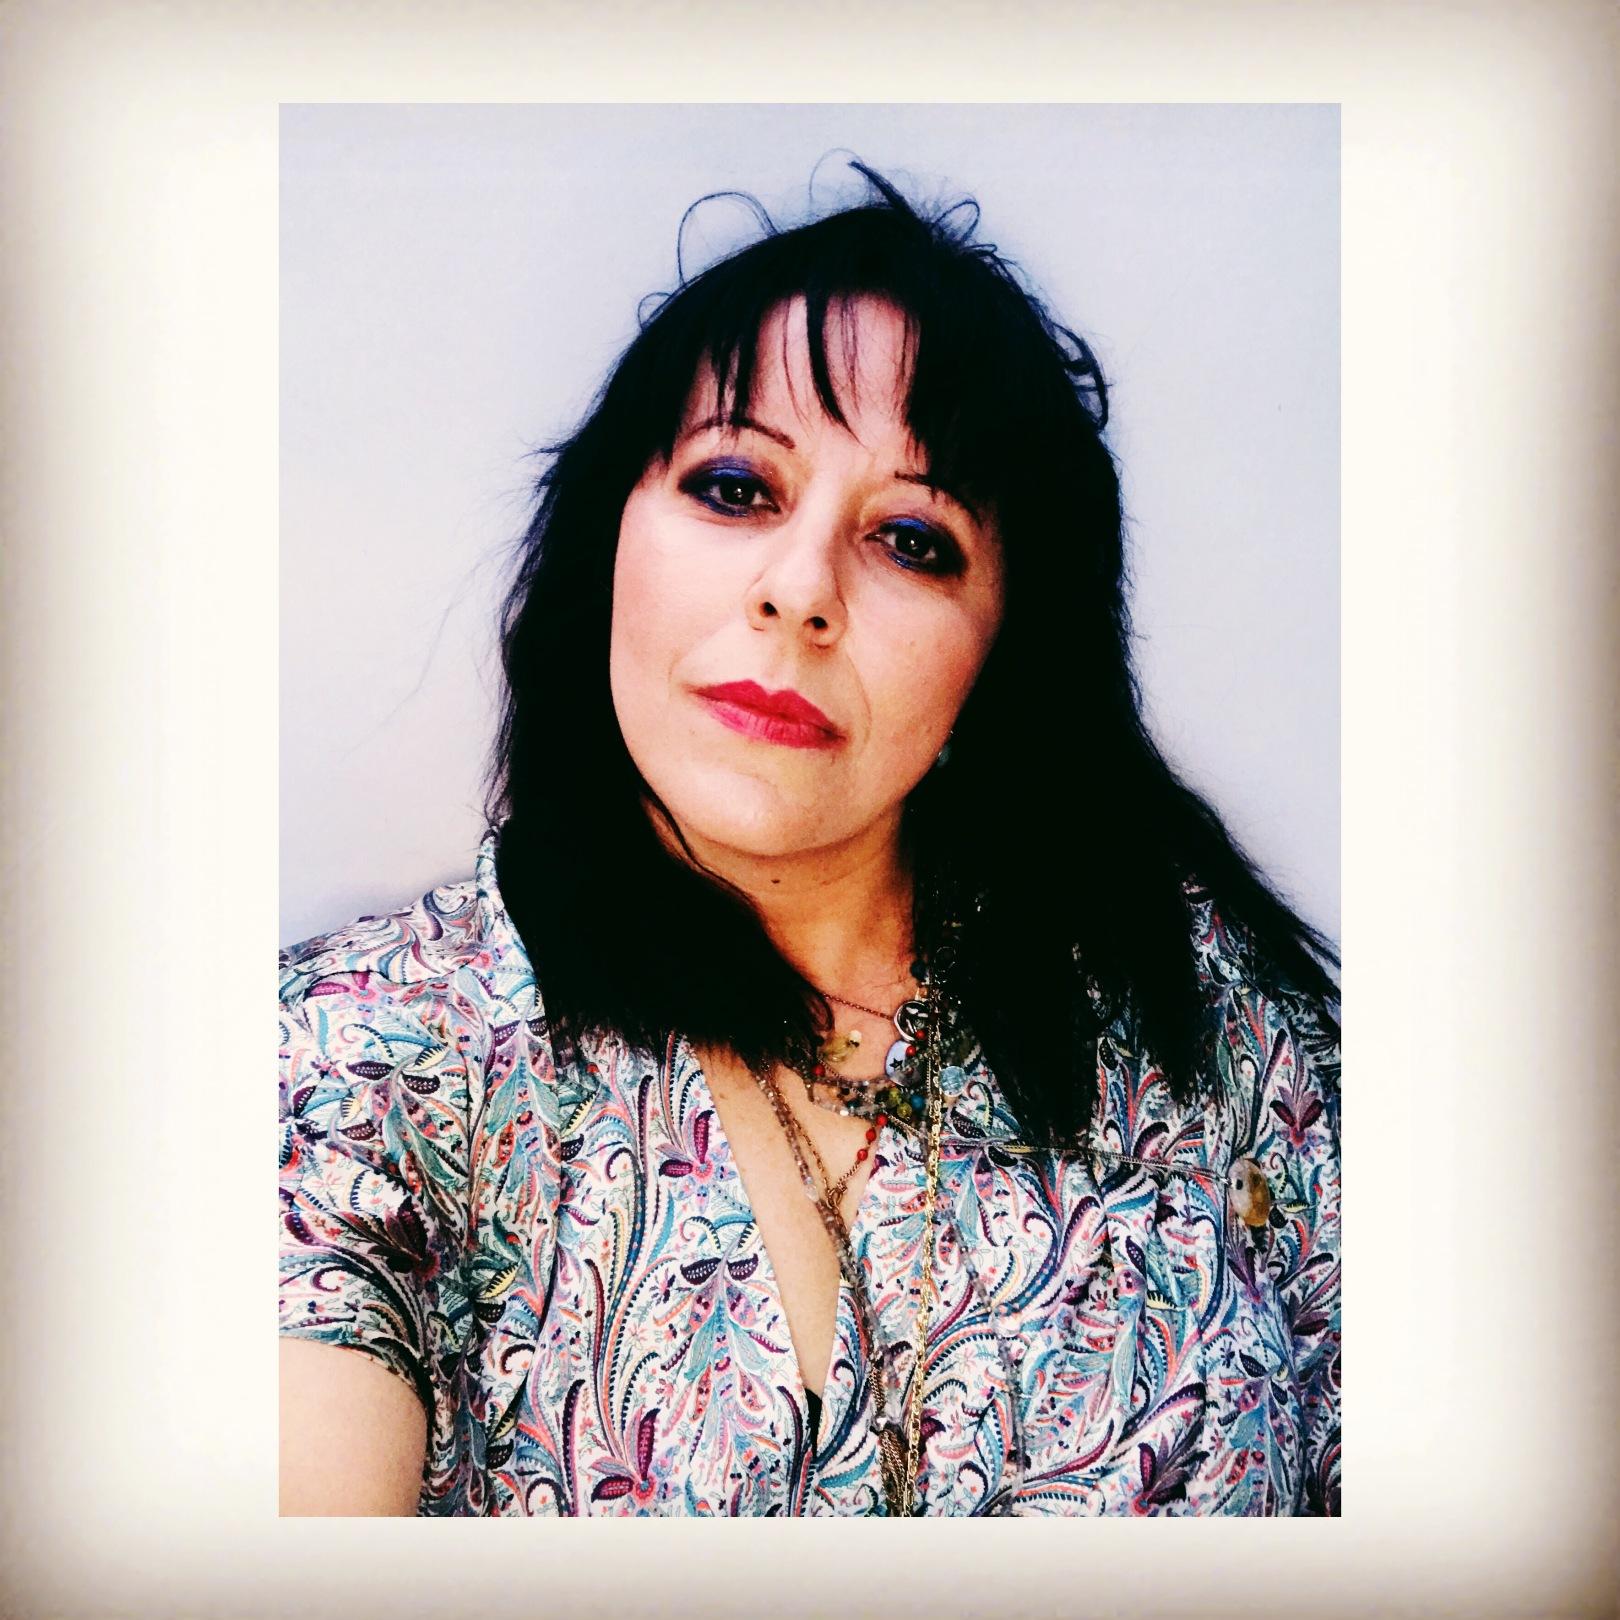 Viviana Musumeci founder di Gaiazoe.life